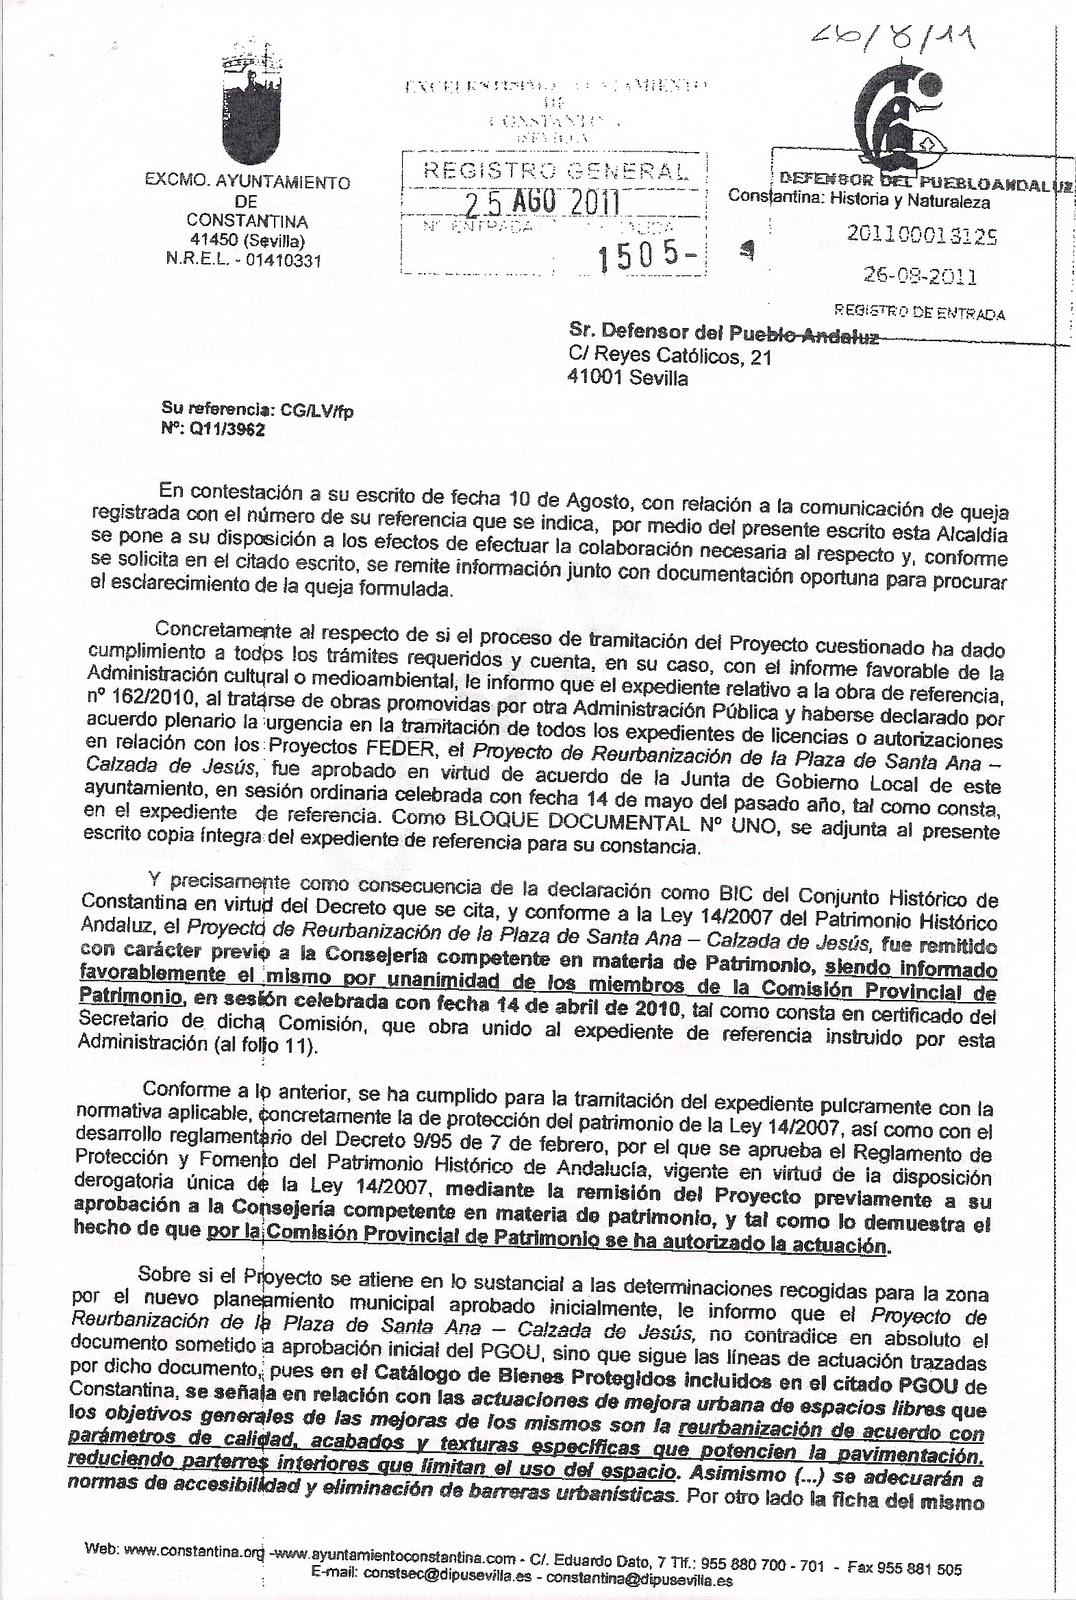 Plataforma ciudadana amigos del jard n de santa ana for Oficina del defensor del pueblo